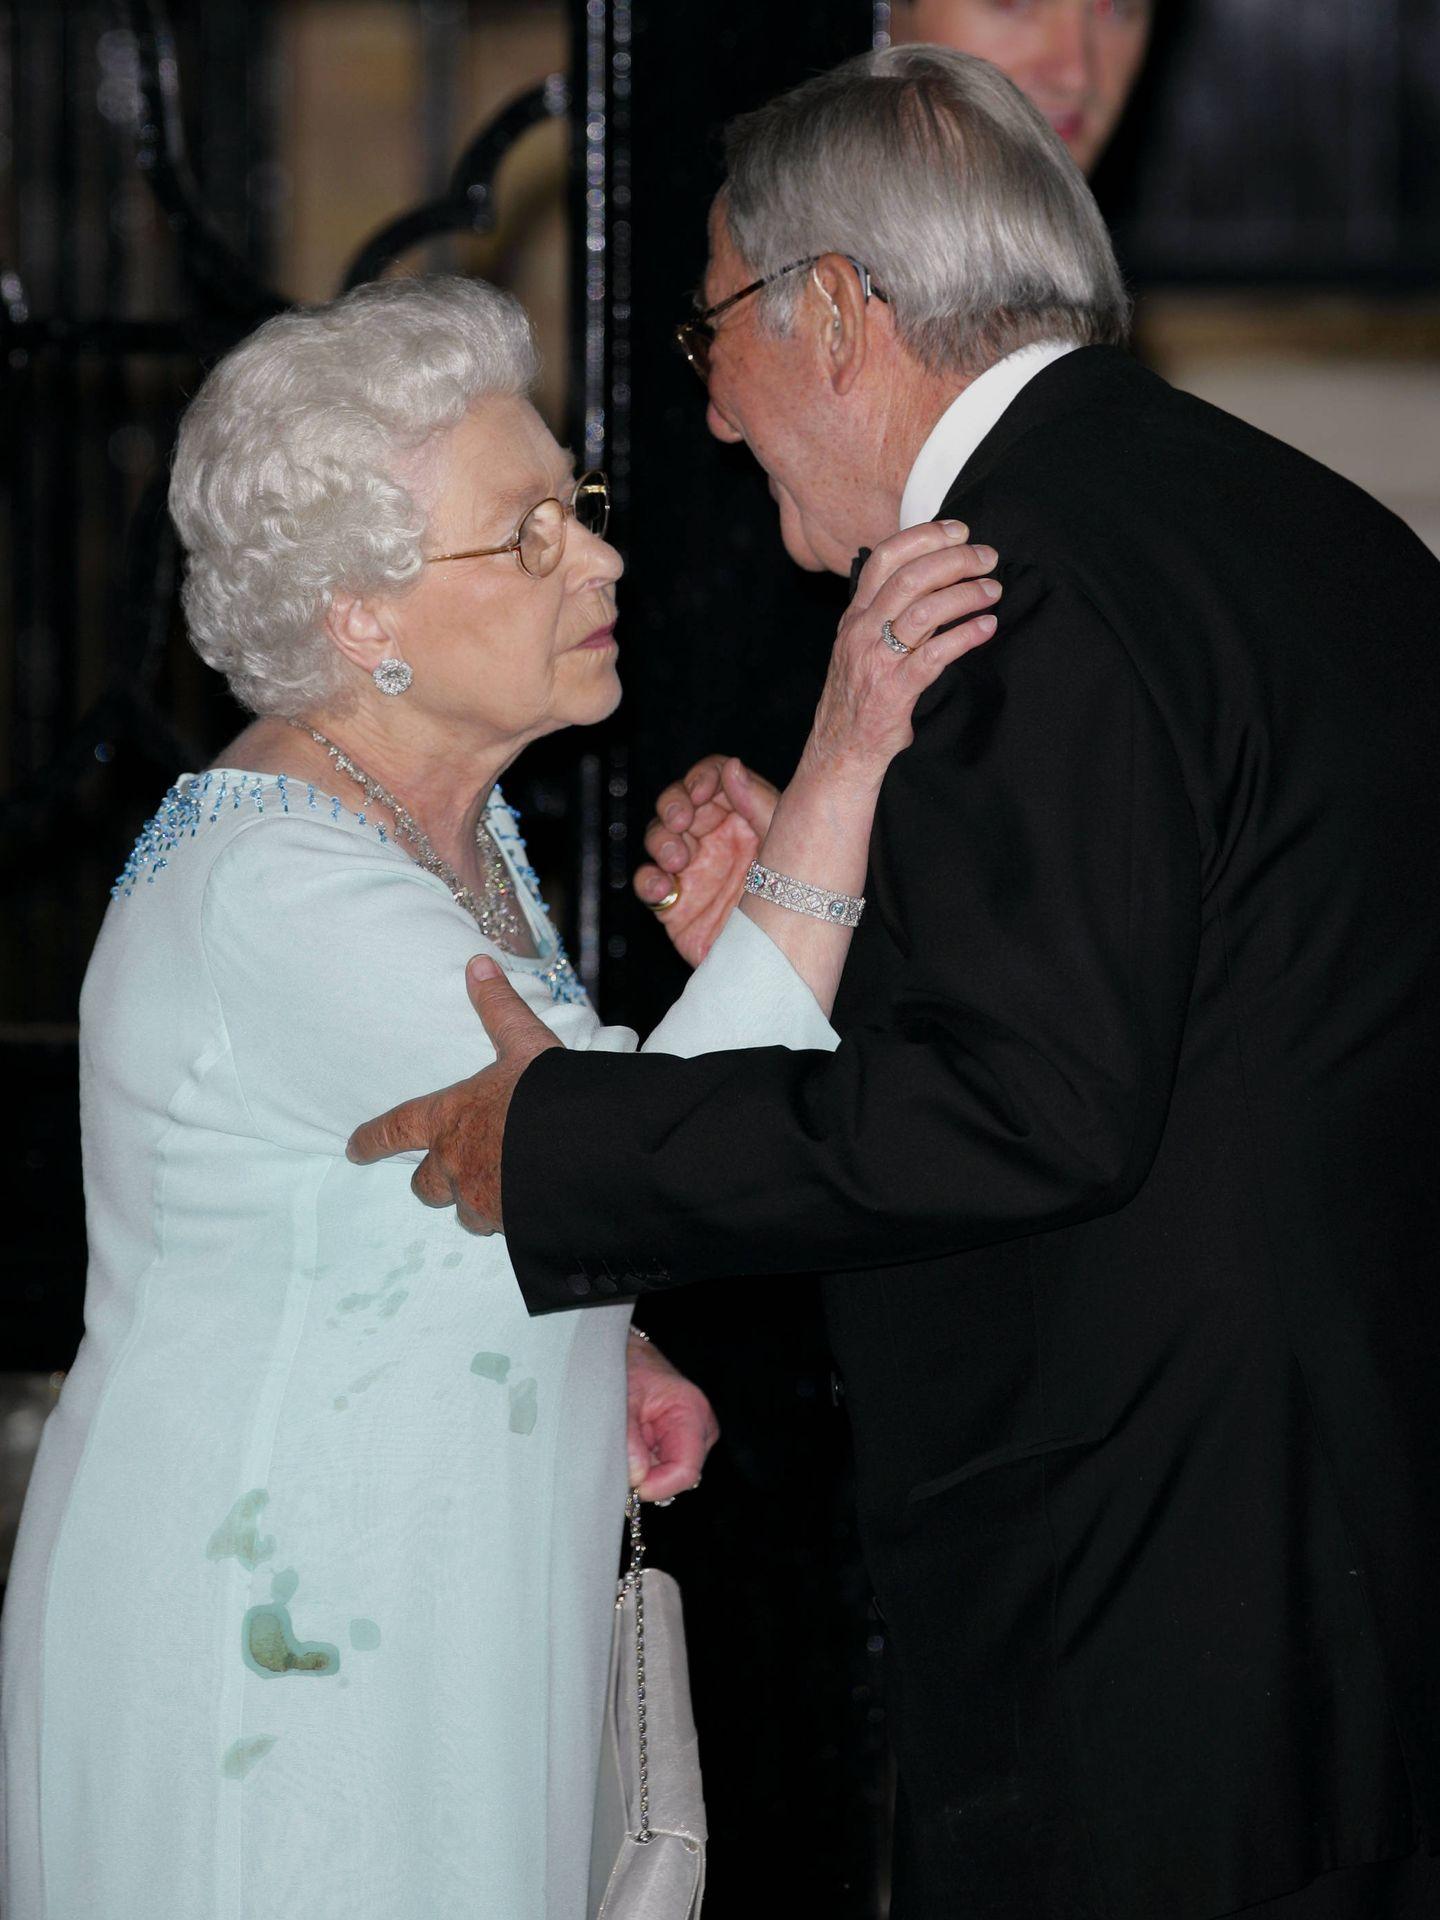 La reina Isabel también es humana y se mancha. (Getty)